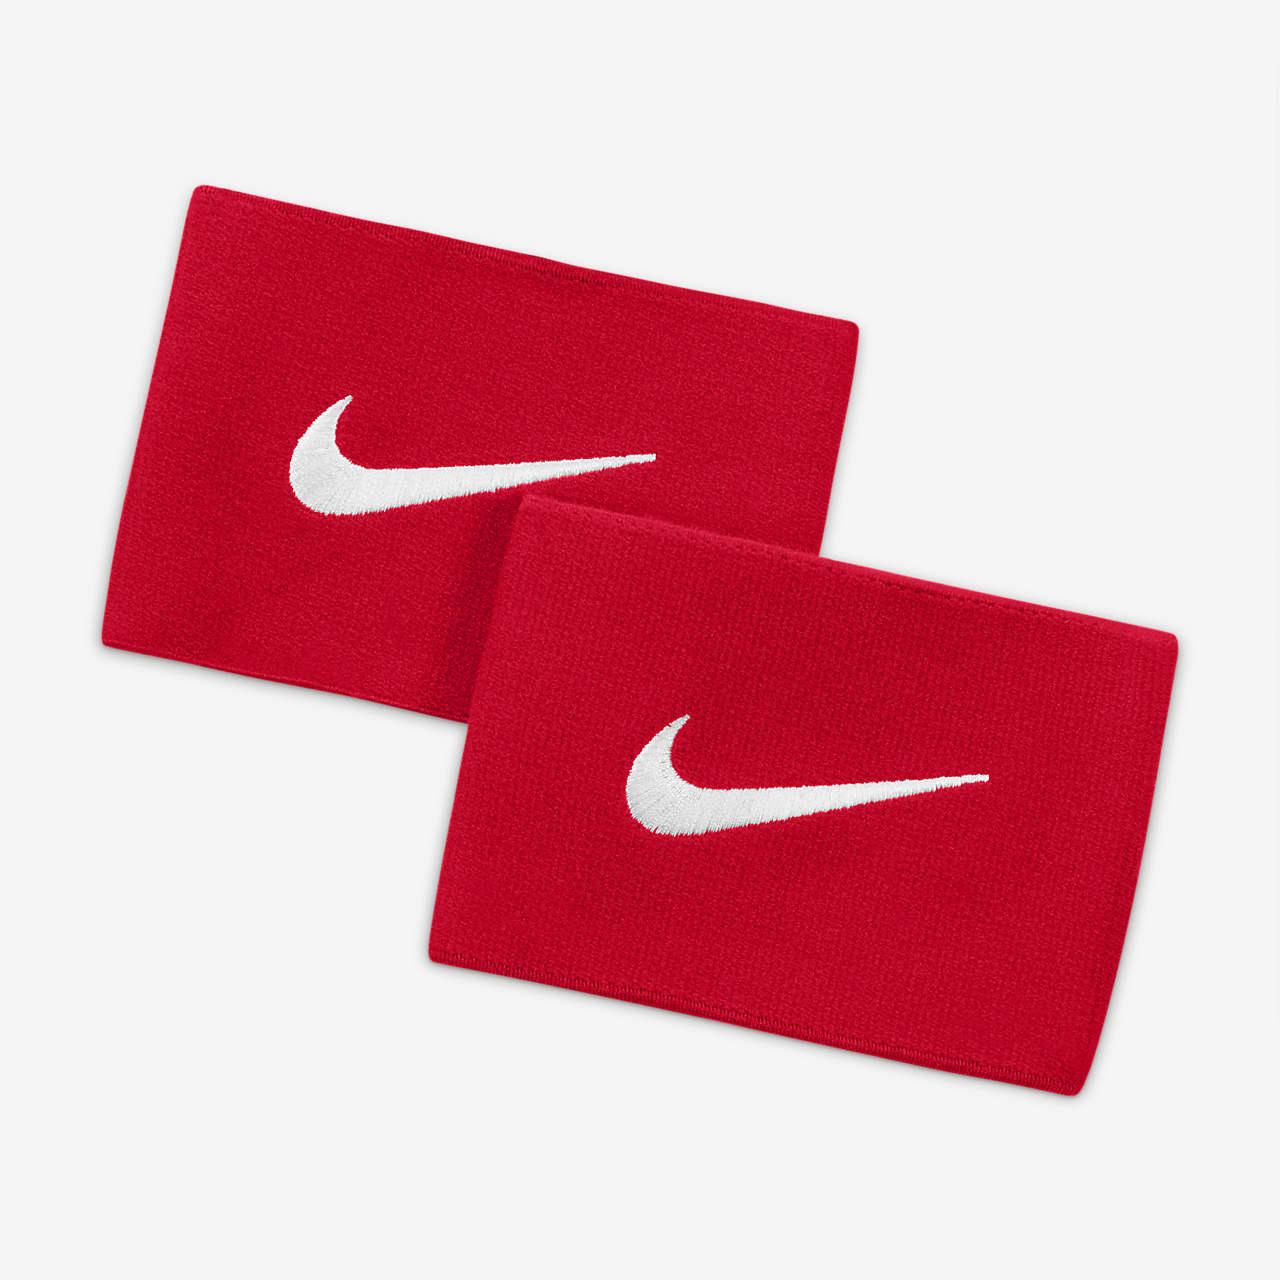 Δέστρες επικαλαμίδων ποδοσφαίρου Nike Guard Stay II